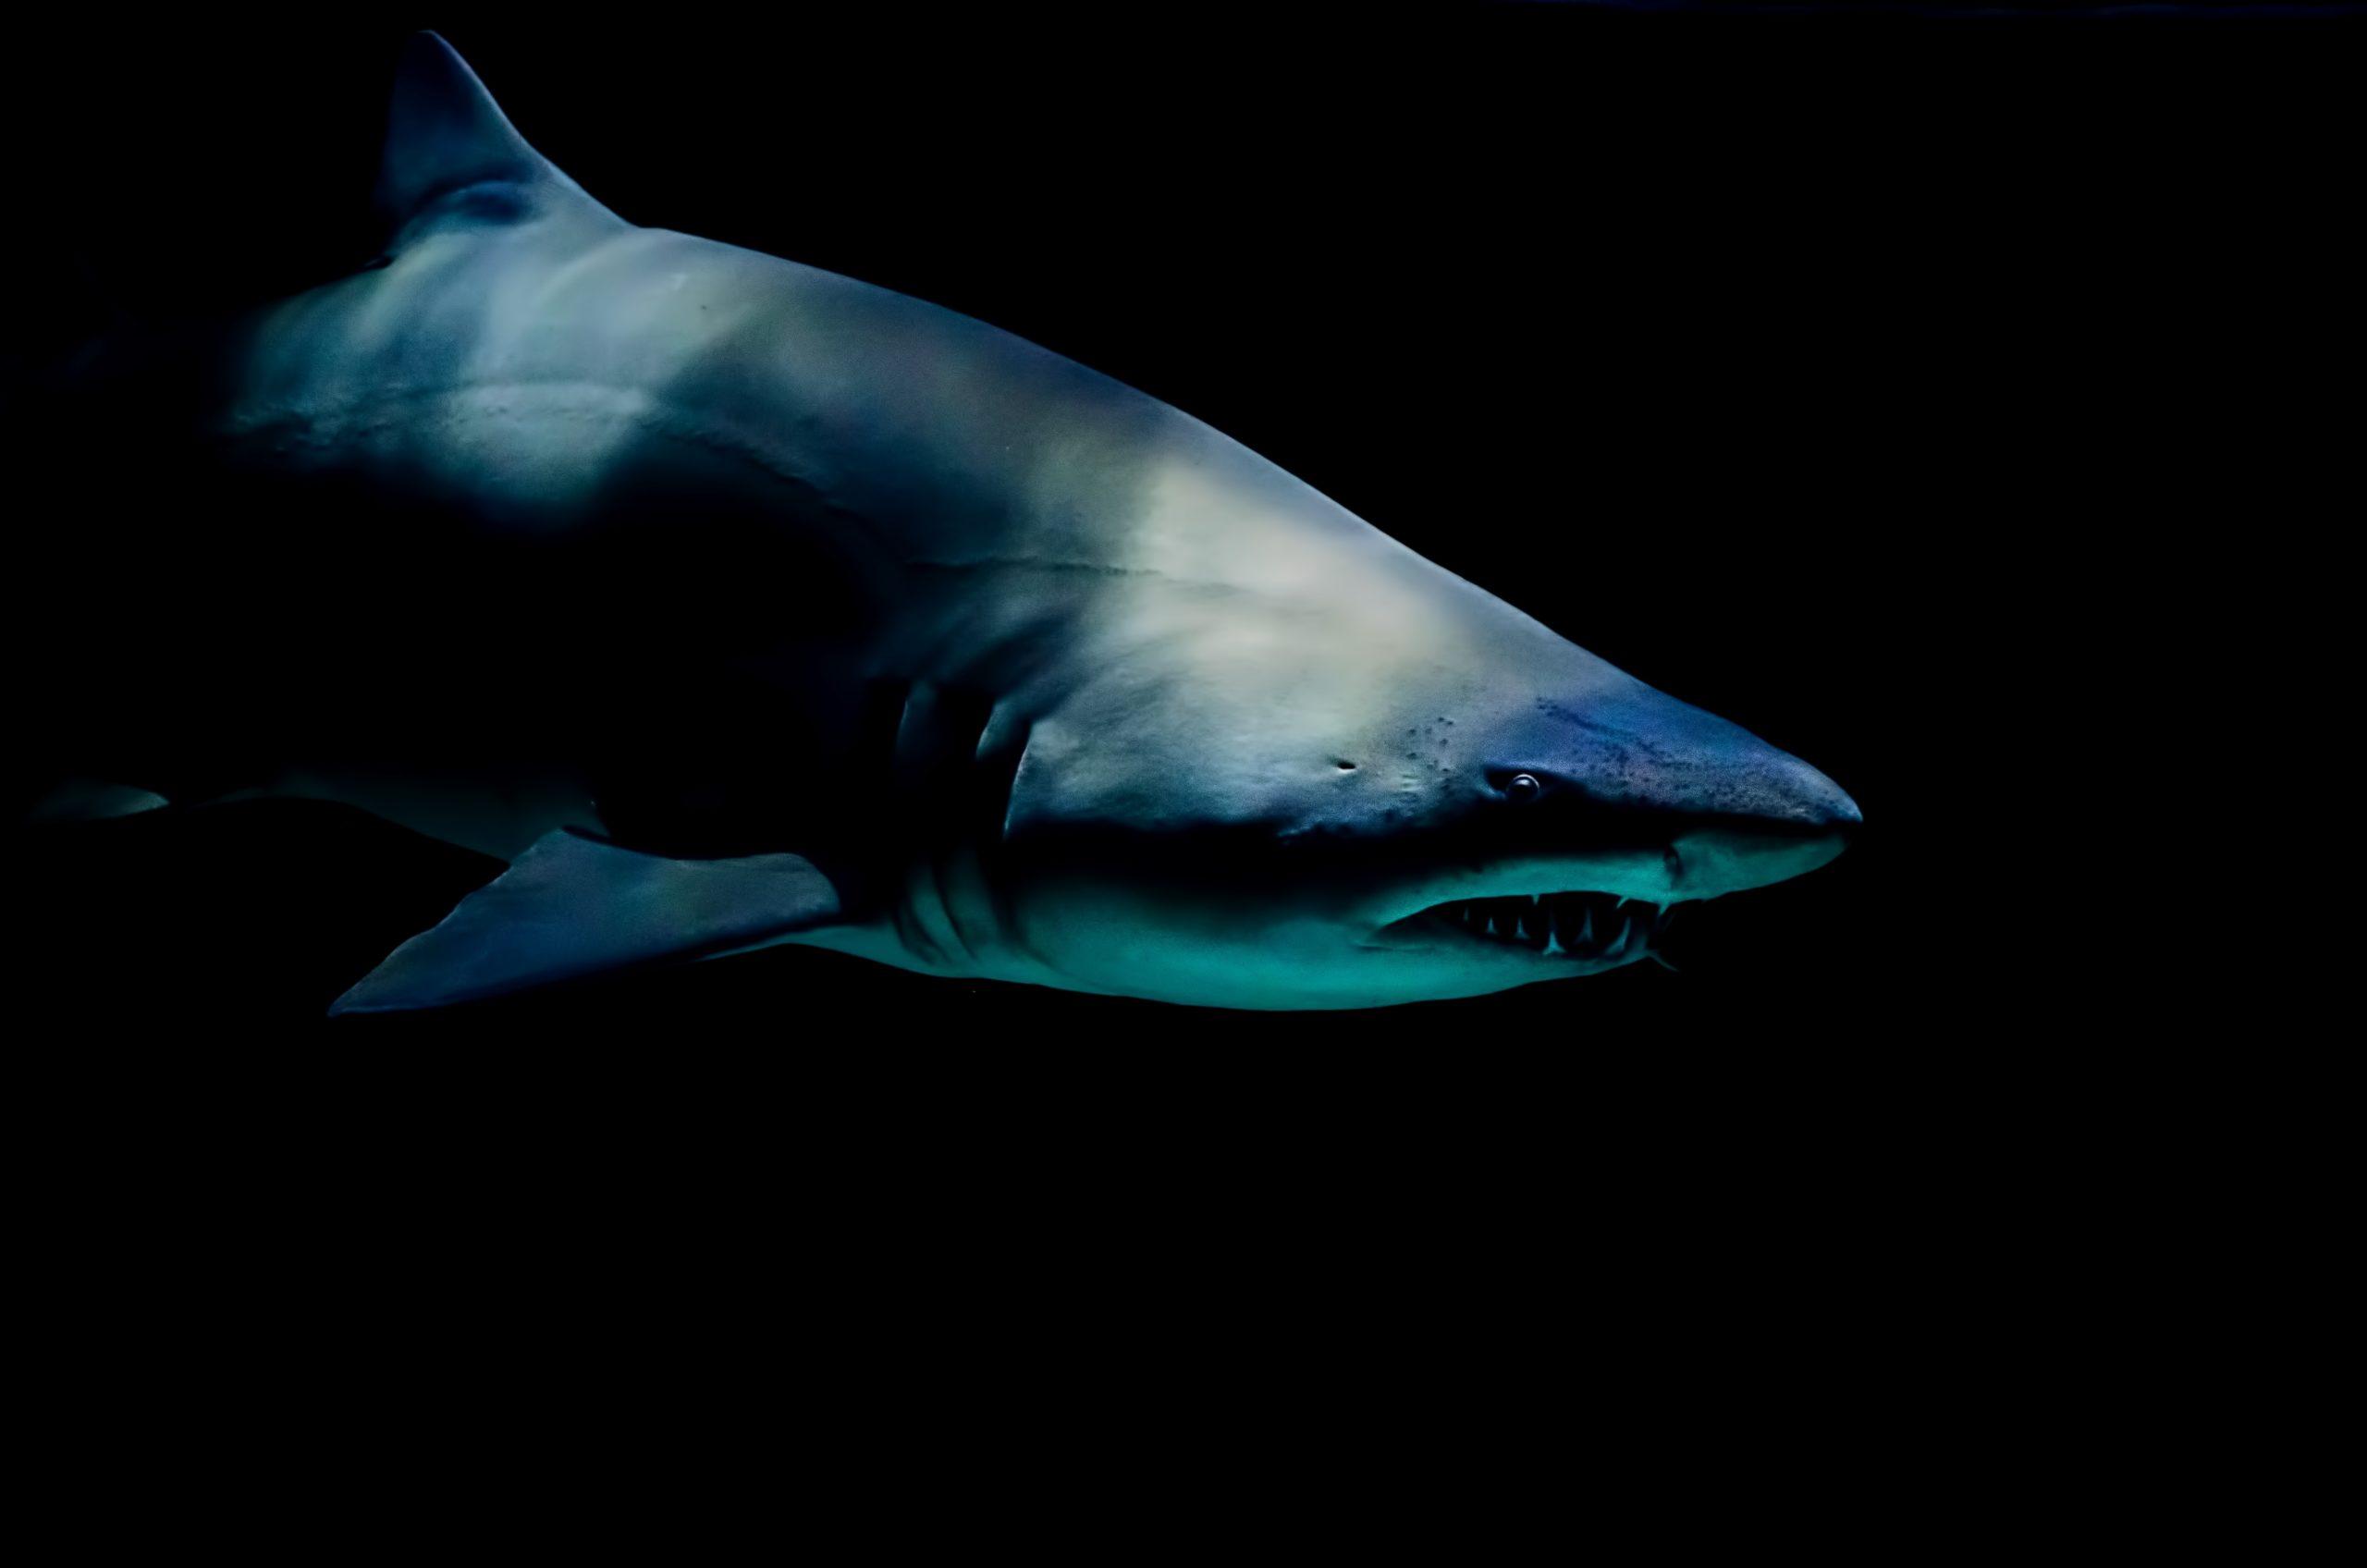 Les requins mangeurs d'hommes, mythe ou réalité ?